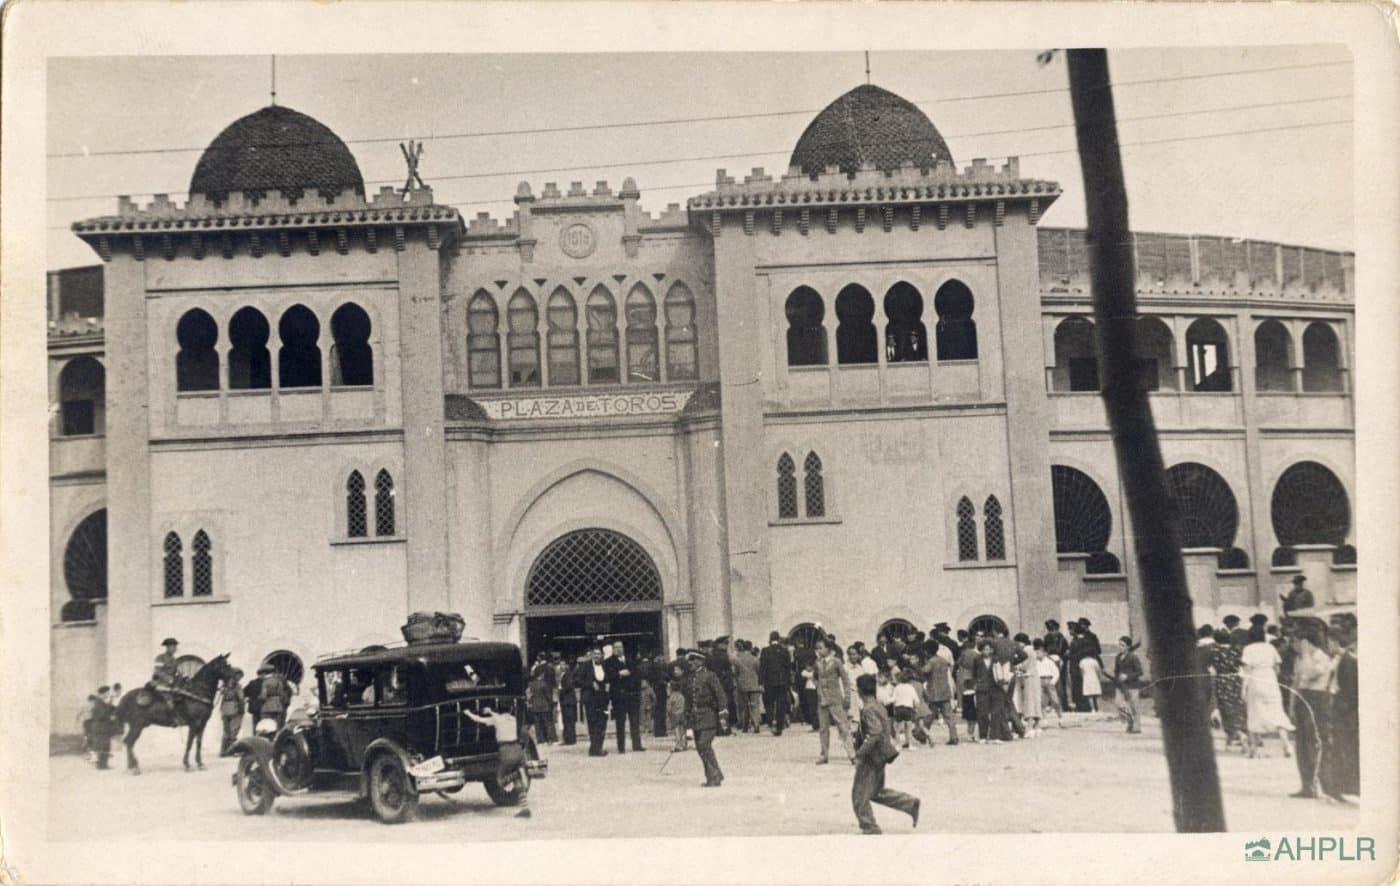 Publicado el fondo fotográfico del doctor Julián Loyola, testigo del Logroño de los años 30 y 40 1